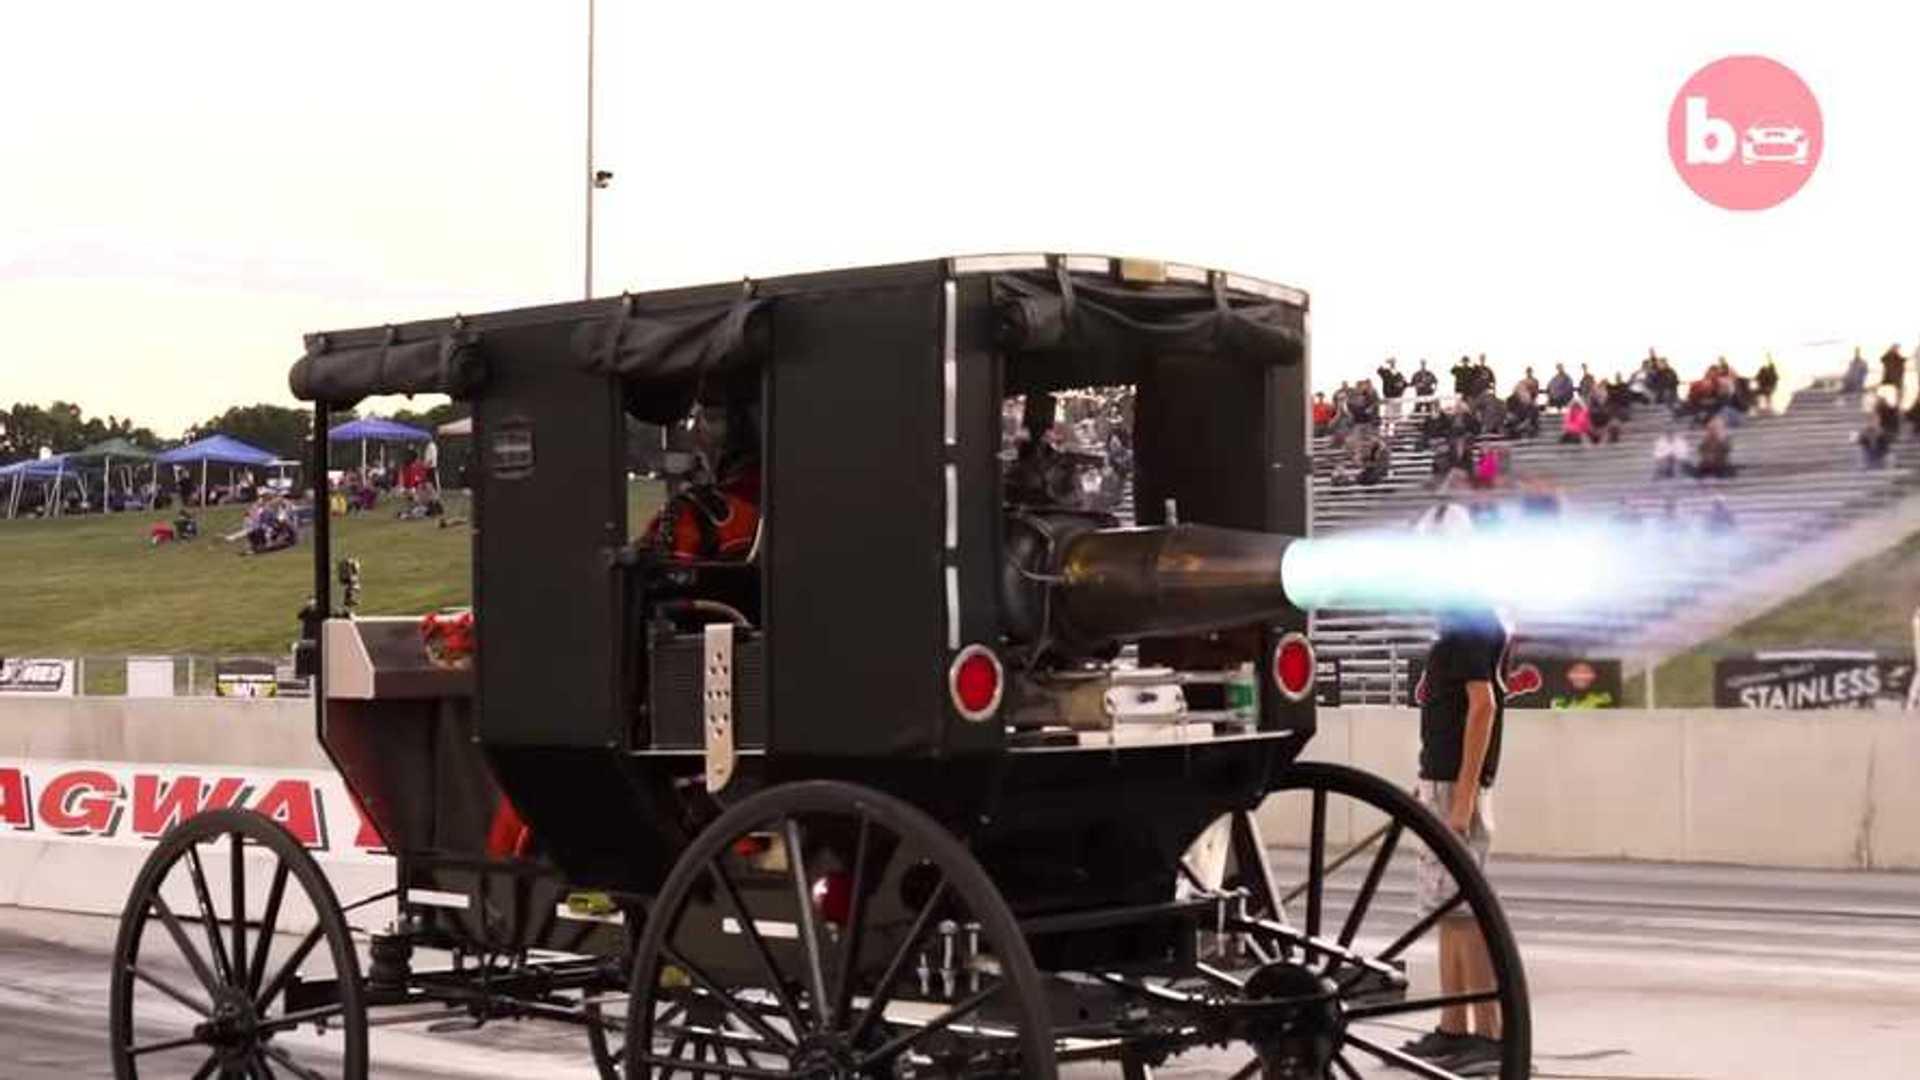 La carroza amish con un reactor es lo más loco que verás hoy